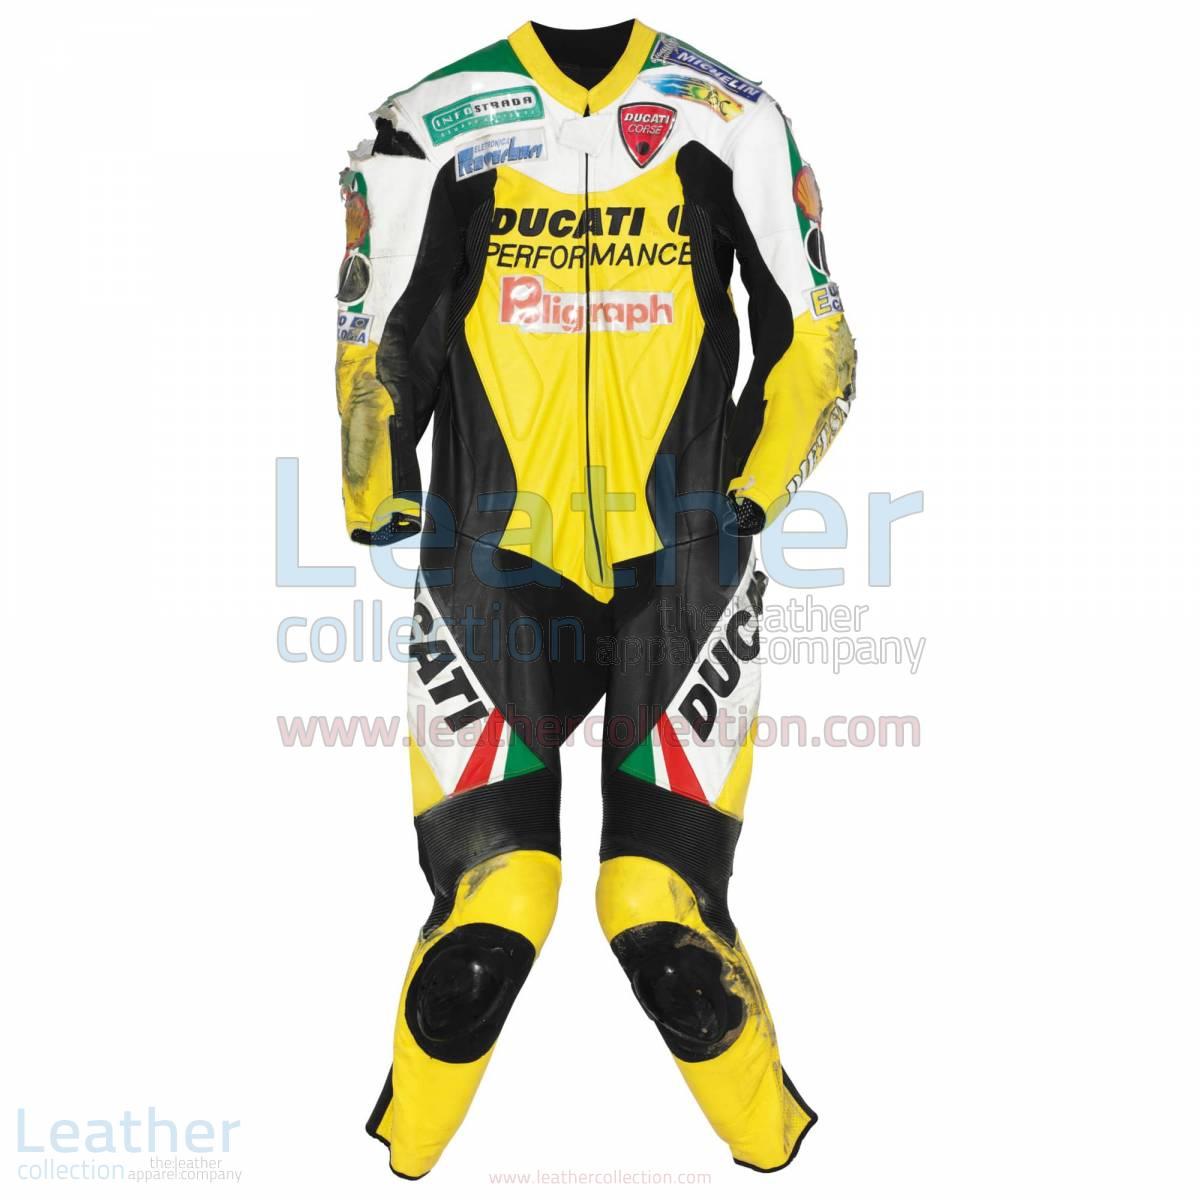 Paolo Casoli Ducati AMA Supersport 1999 Suit – Ducati Suit